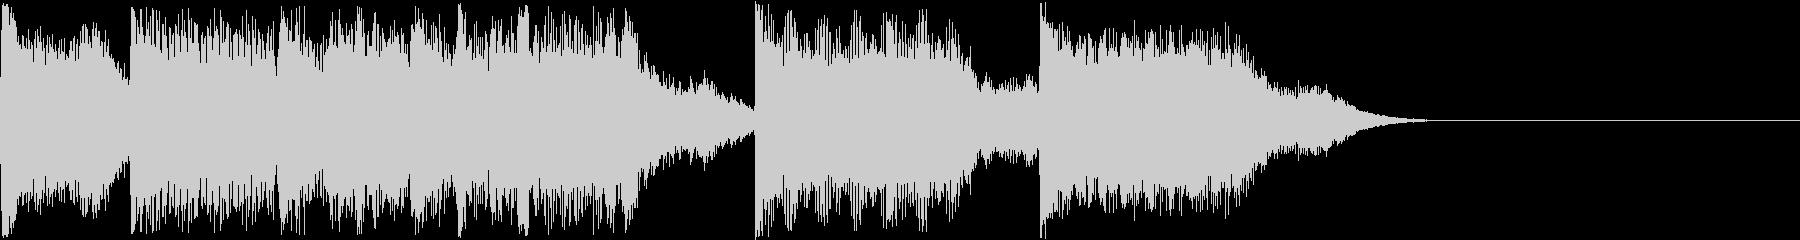 AI メカ/ロボ/マシン動作音 30の未再生の波形